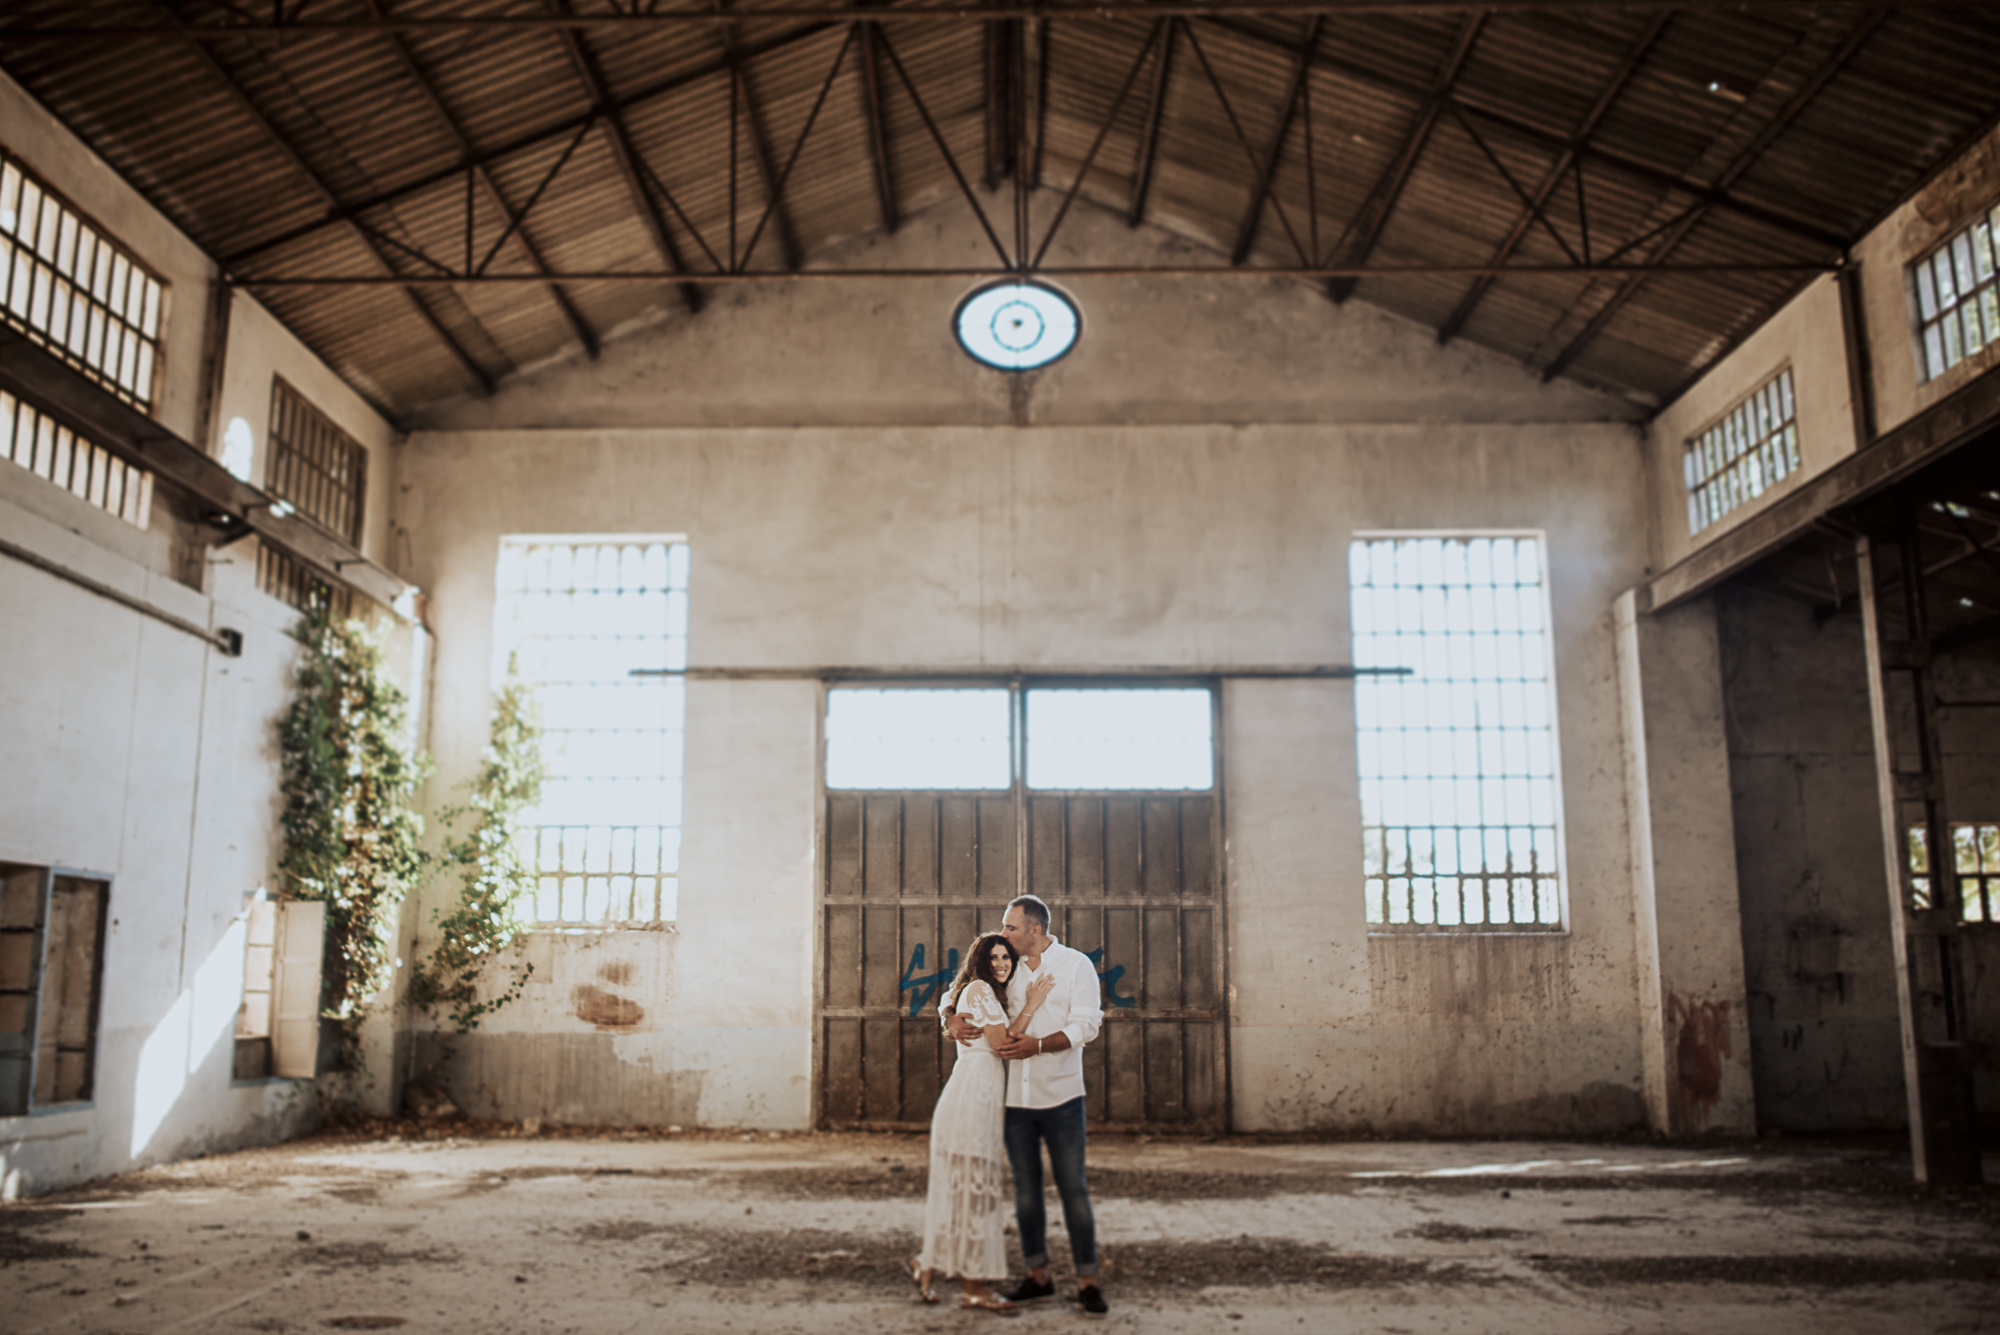 garatefotografia-fotografo-de-boda-en-Granada (8)